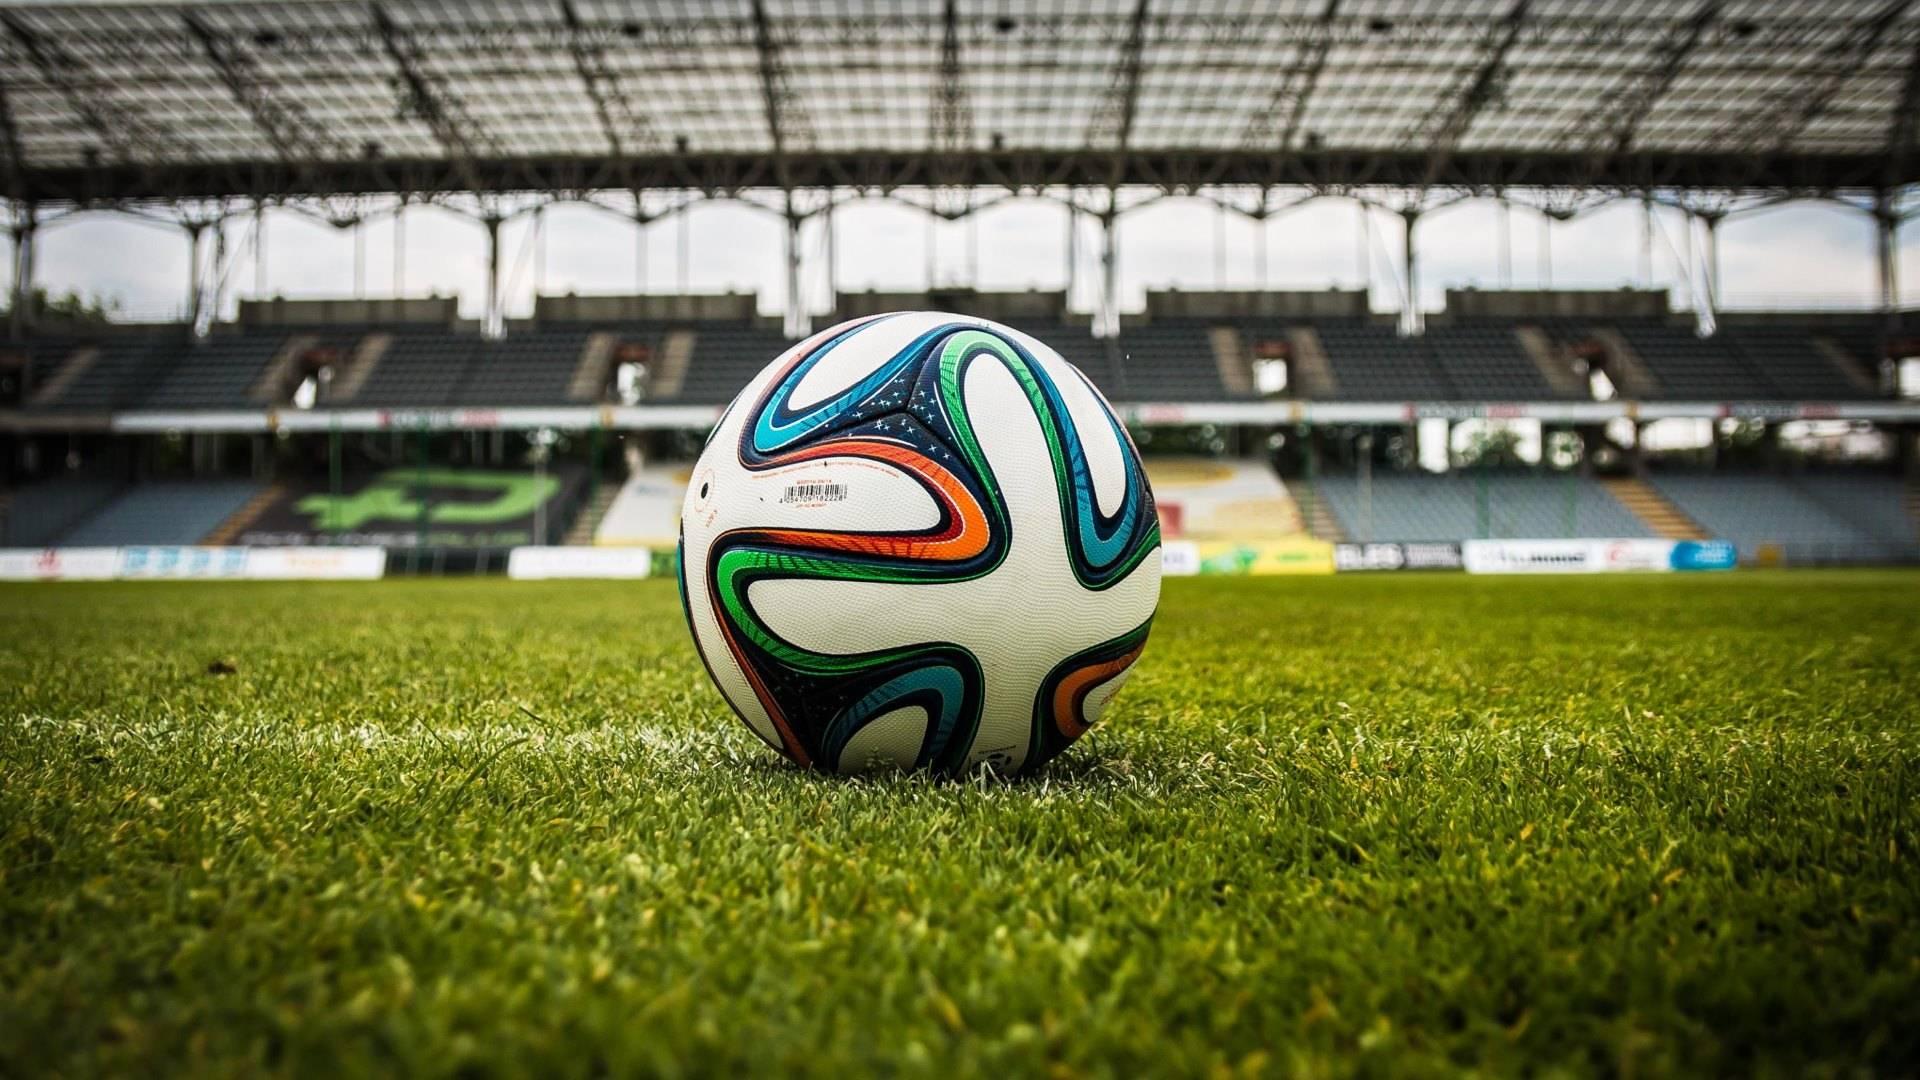 10 najinteresantnijih fudbalskih transfera ove zime